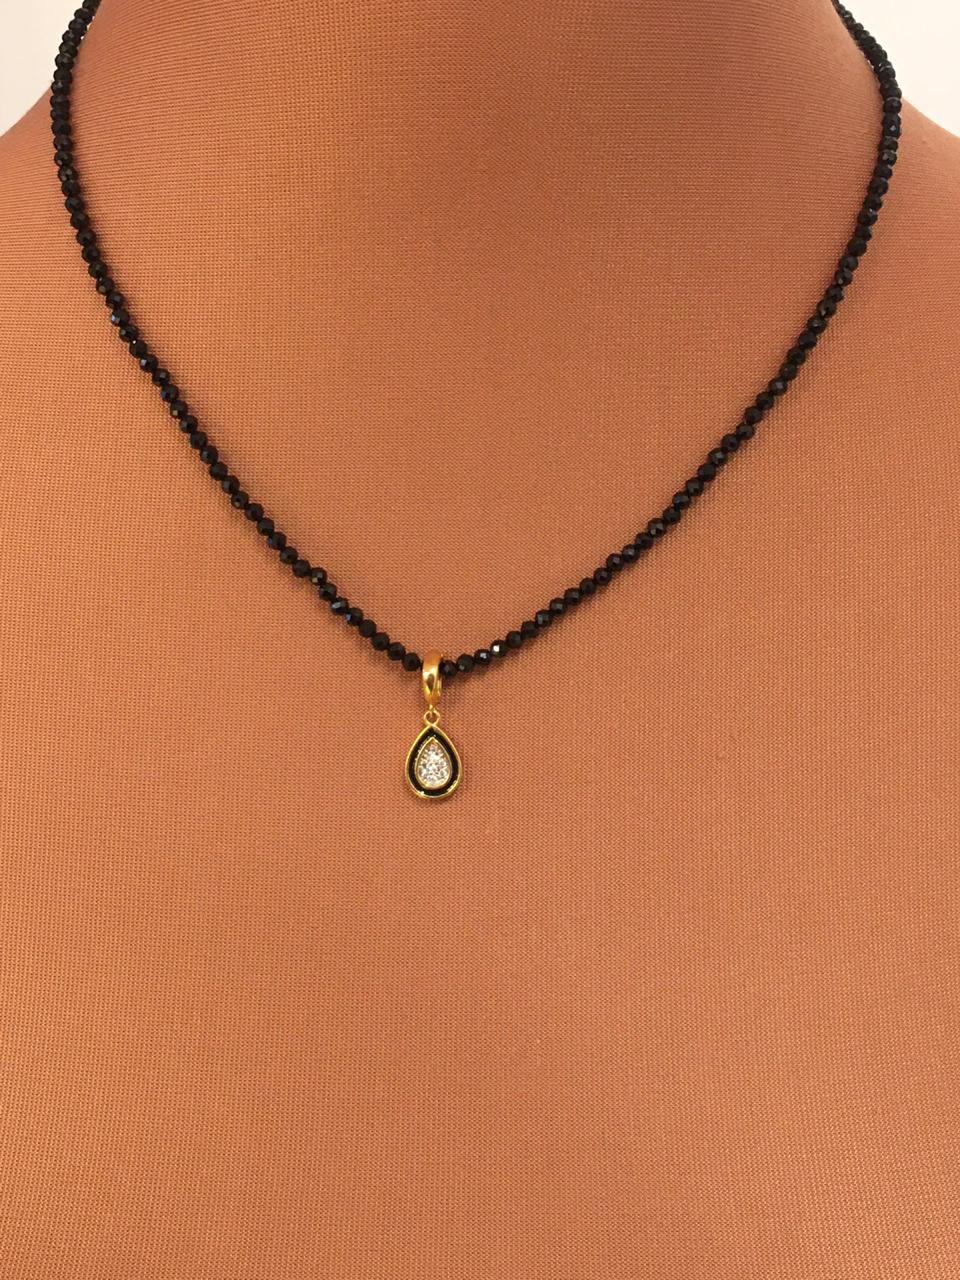 Colar folheado de cristais pretos pingente com Zirconias | CF354